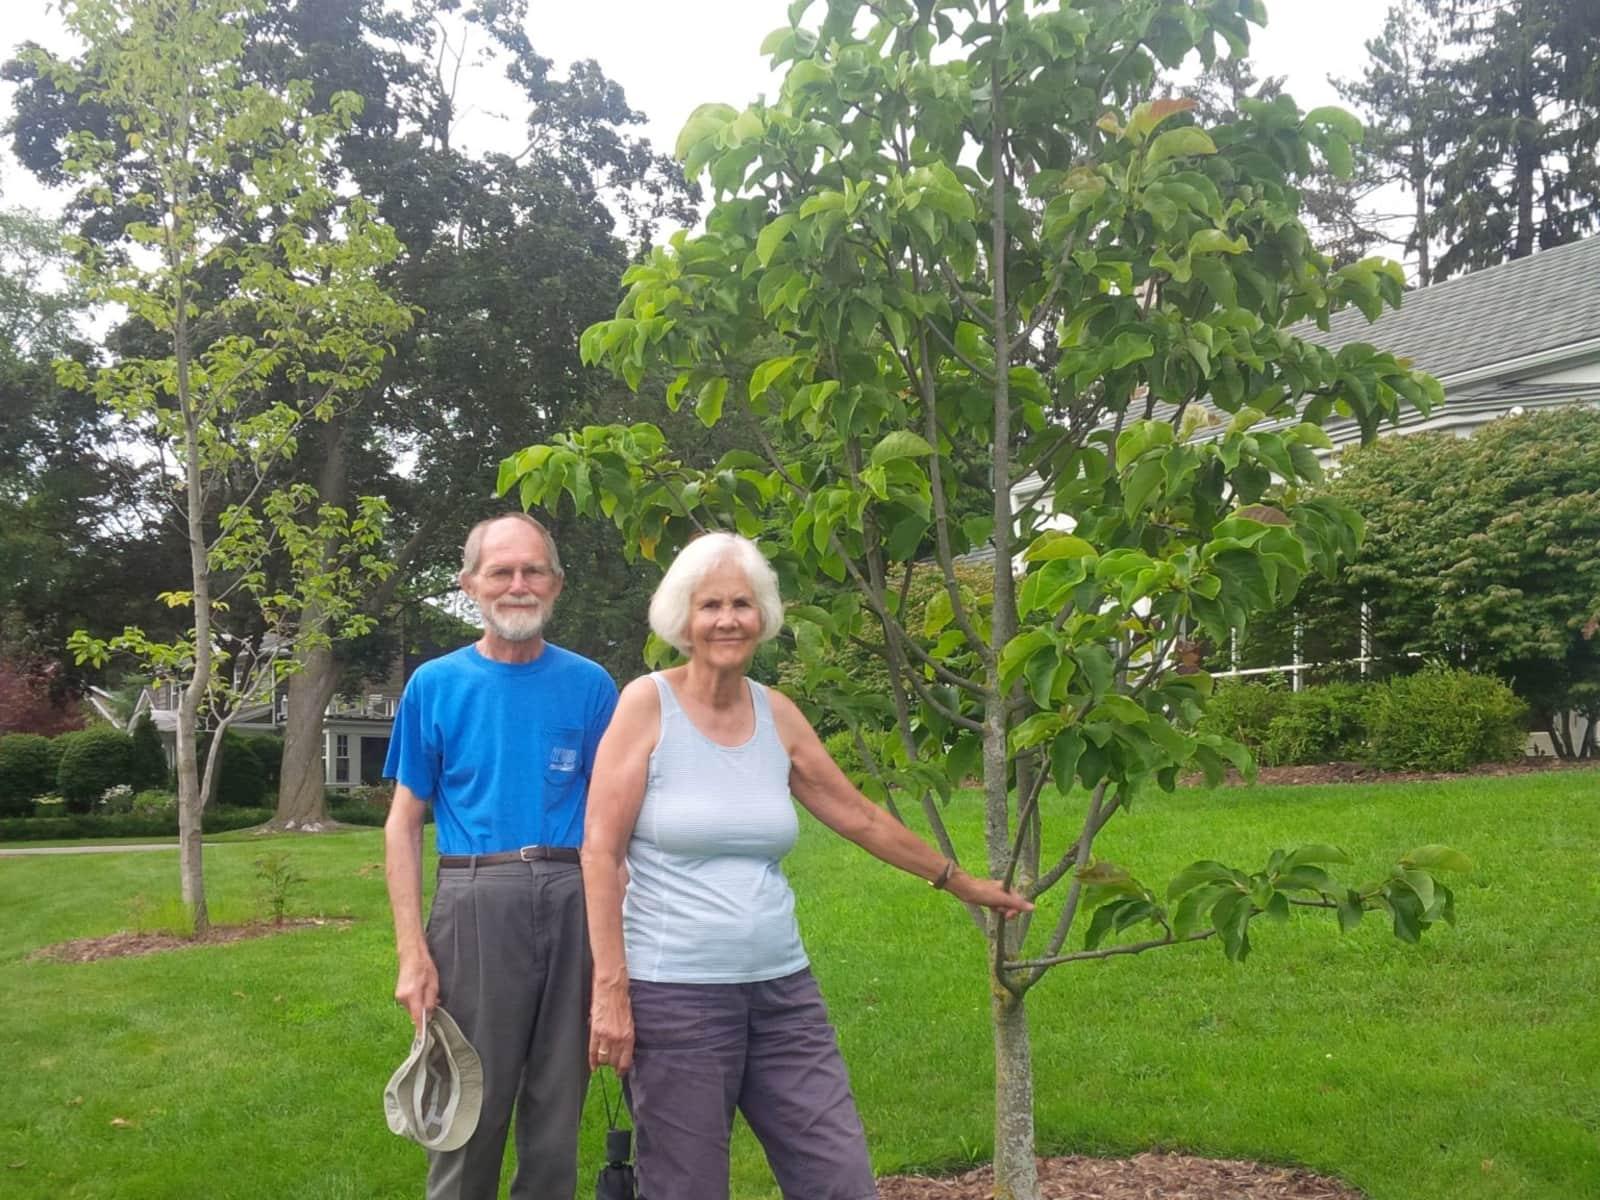 Mary & Bob from Tucson, Arizona, United States